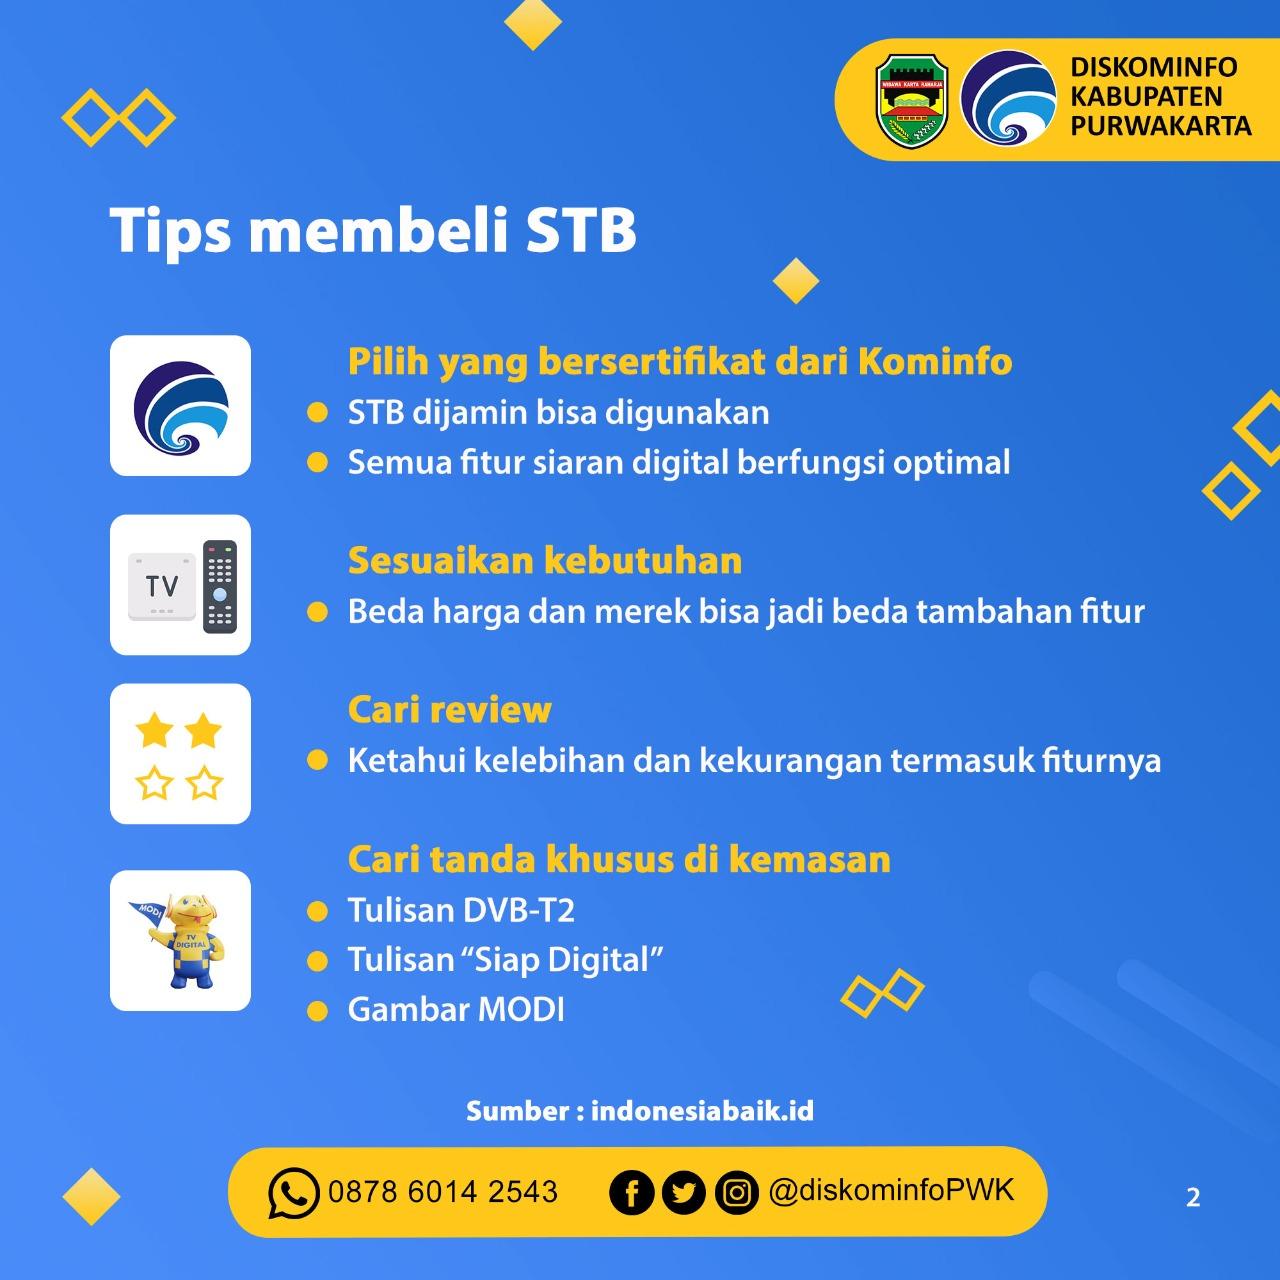 Tips Membeli STB